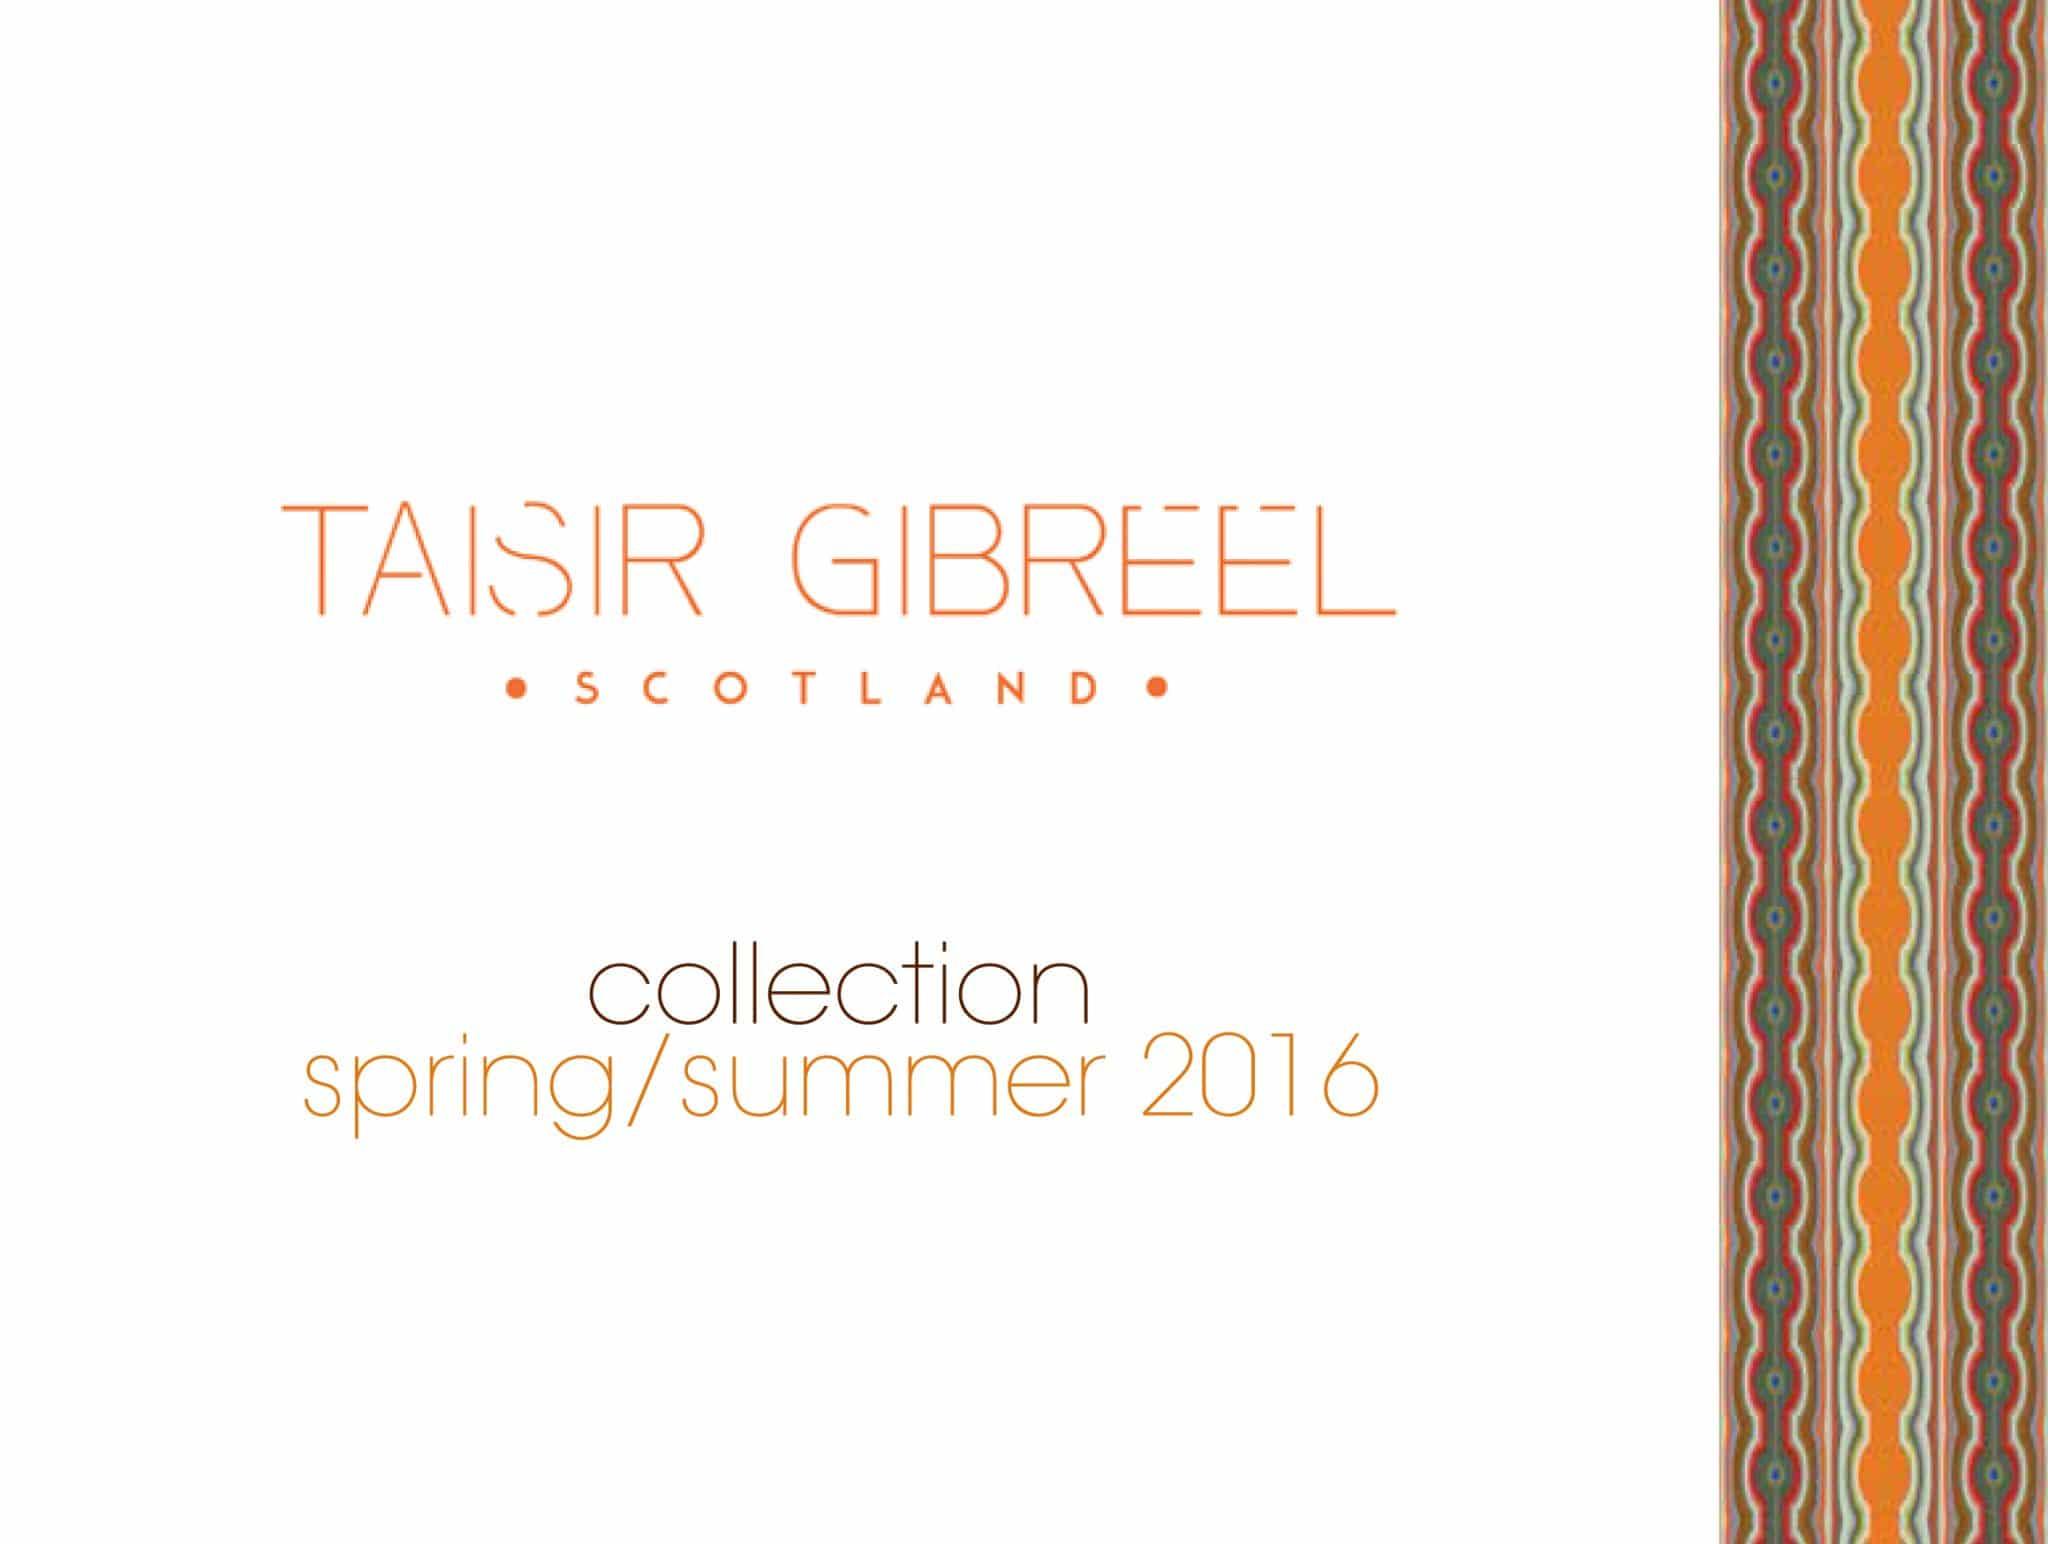 SPRING SUMMER 2016 CATALOGUE | TAISIR GIBREEL